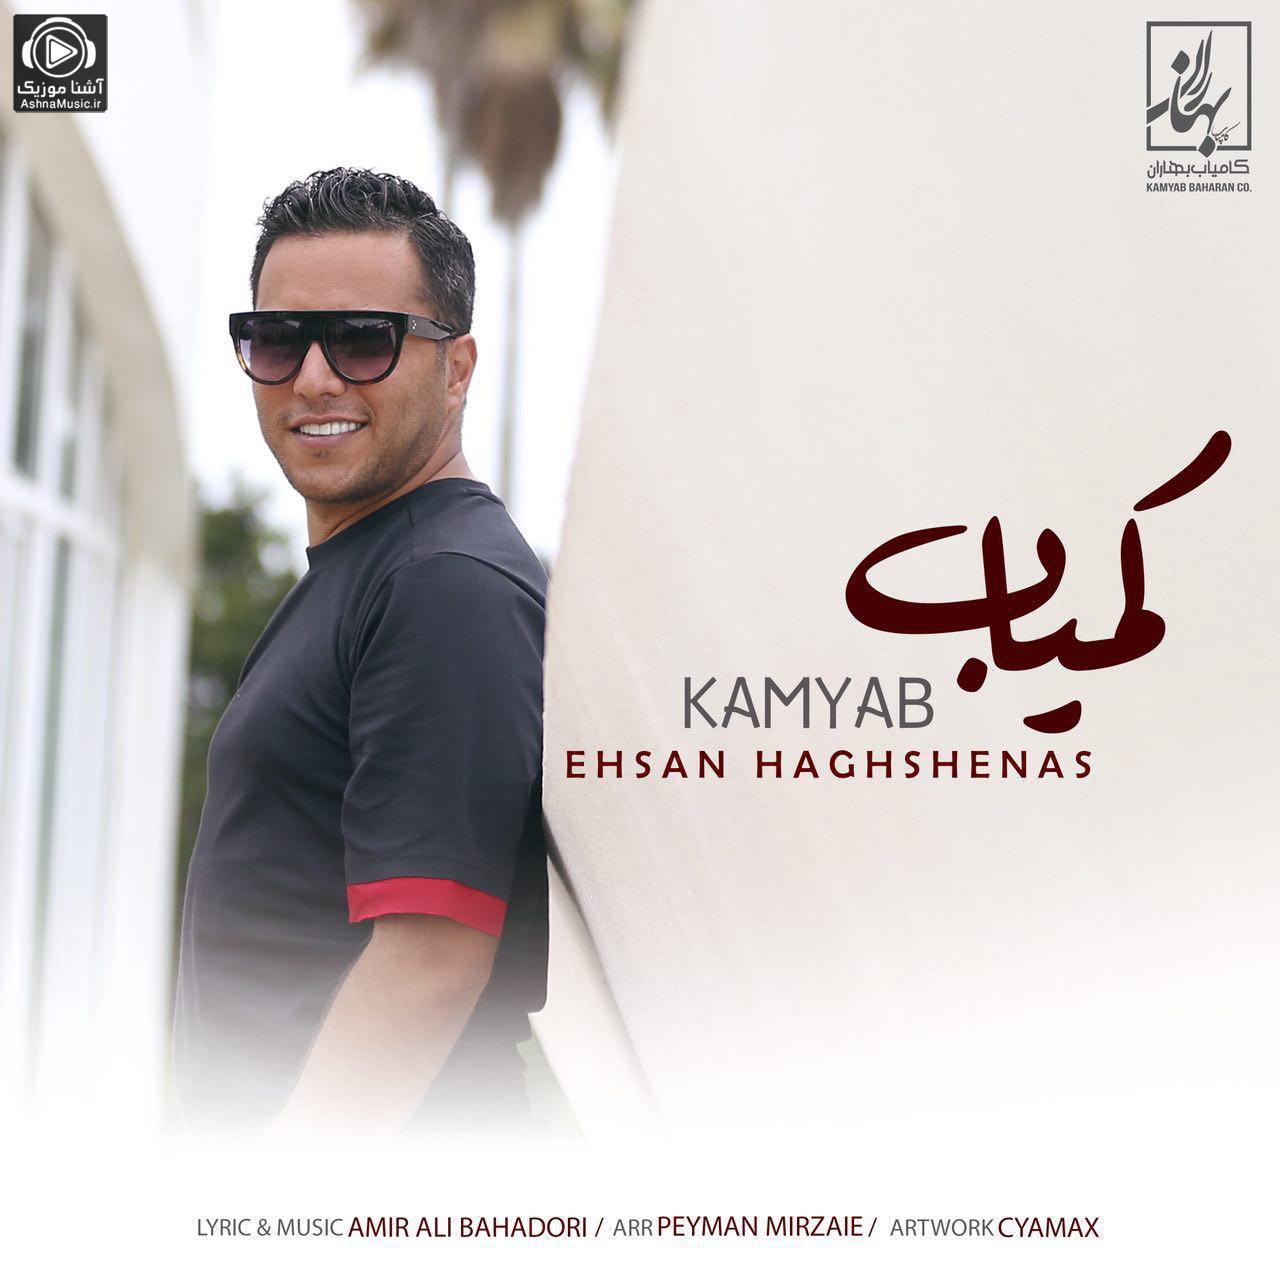 ehsan haghshenas kamyaab ashnamusic.ir  - دانلود آهنگ احسان حق شناس کمیاب